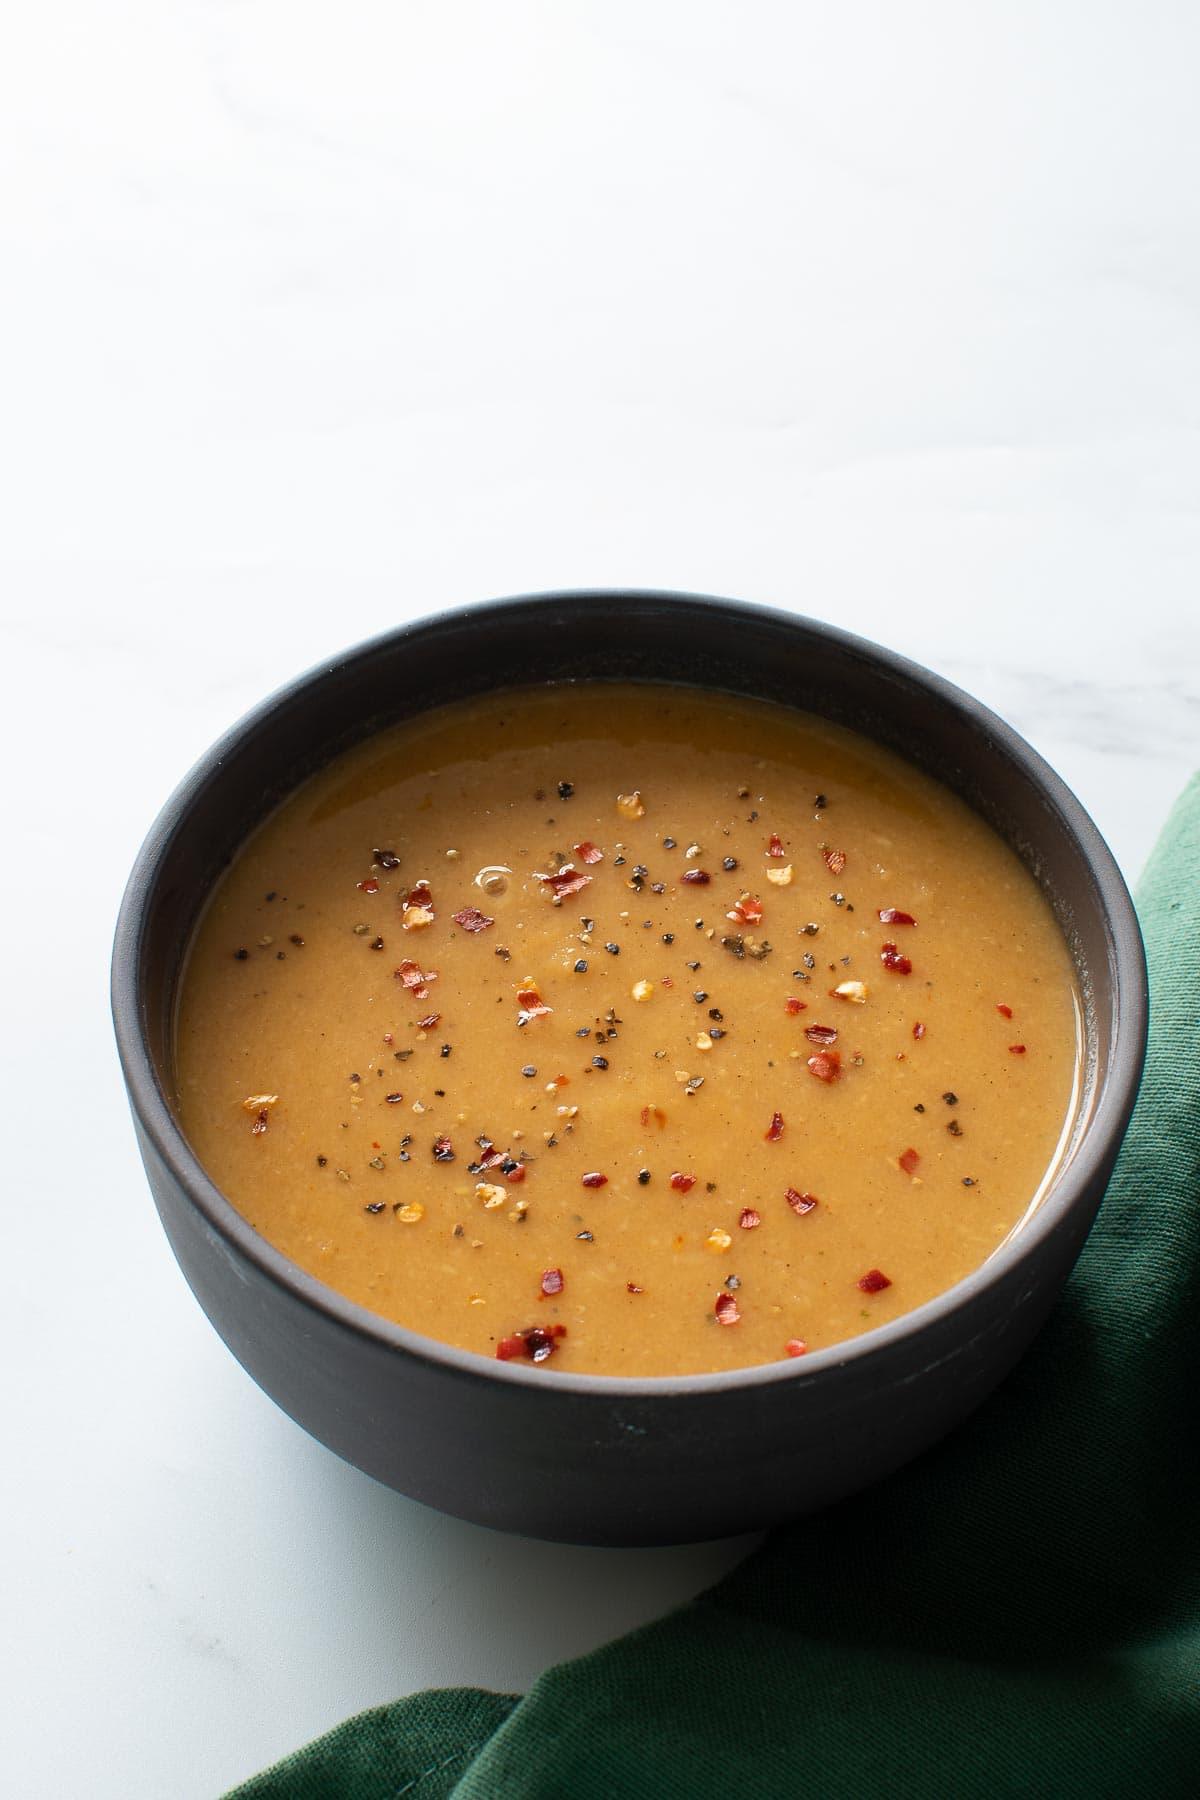 A bowl of parsnip soup.